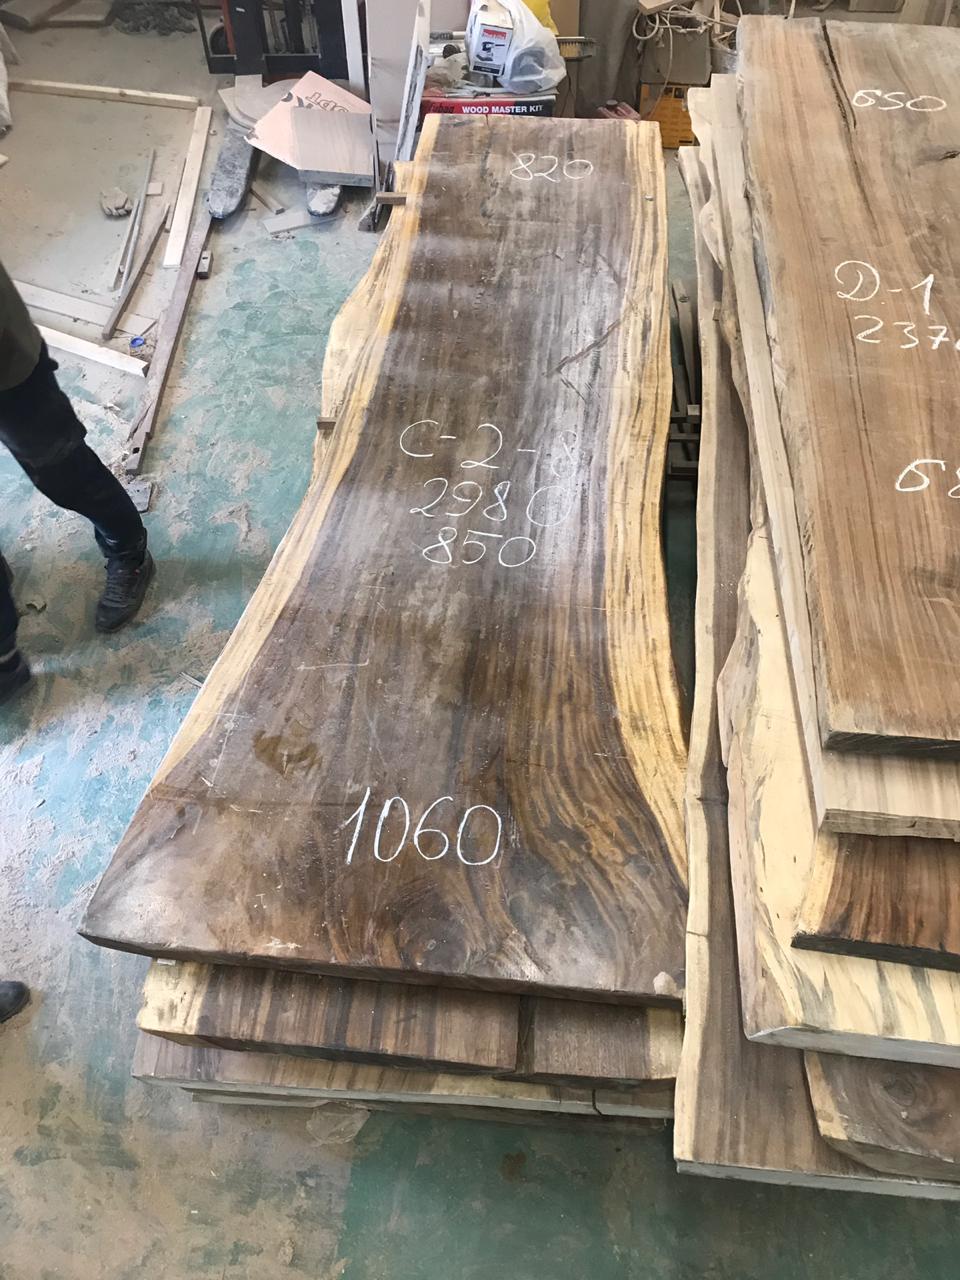 Suar Big ONE  Материал: слэб дерева  суар  Размеры: 2980 x 1060-850-820 x 80 мм.  Стоимость: 178 100 руб